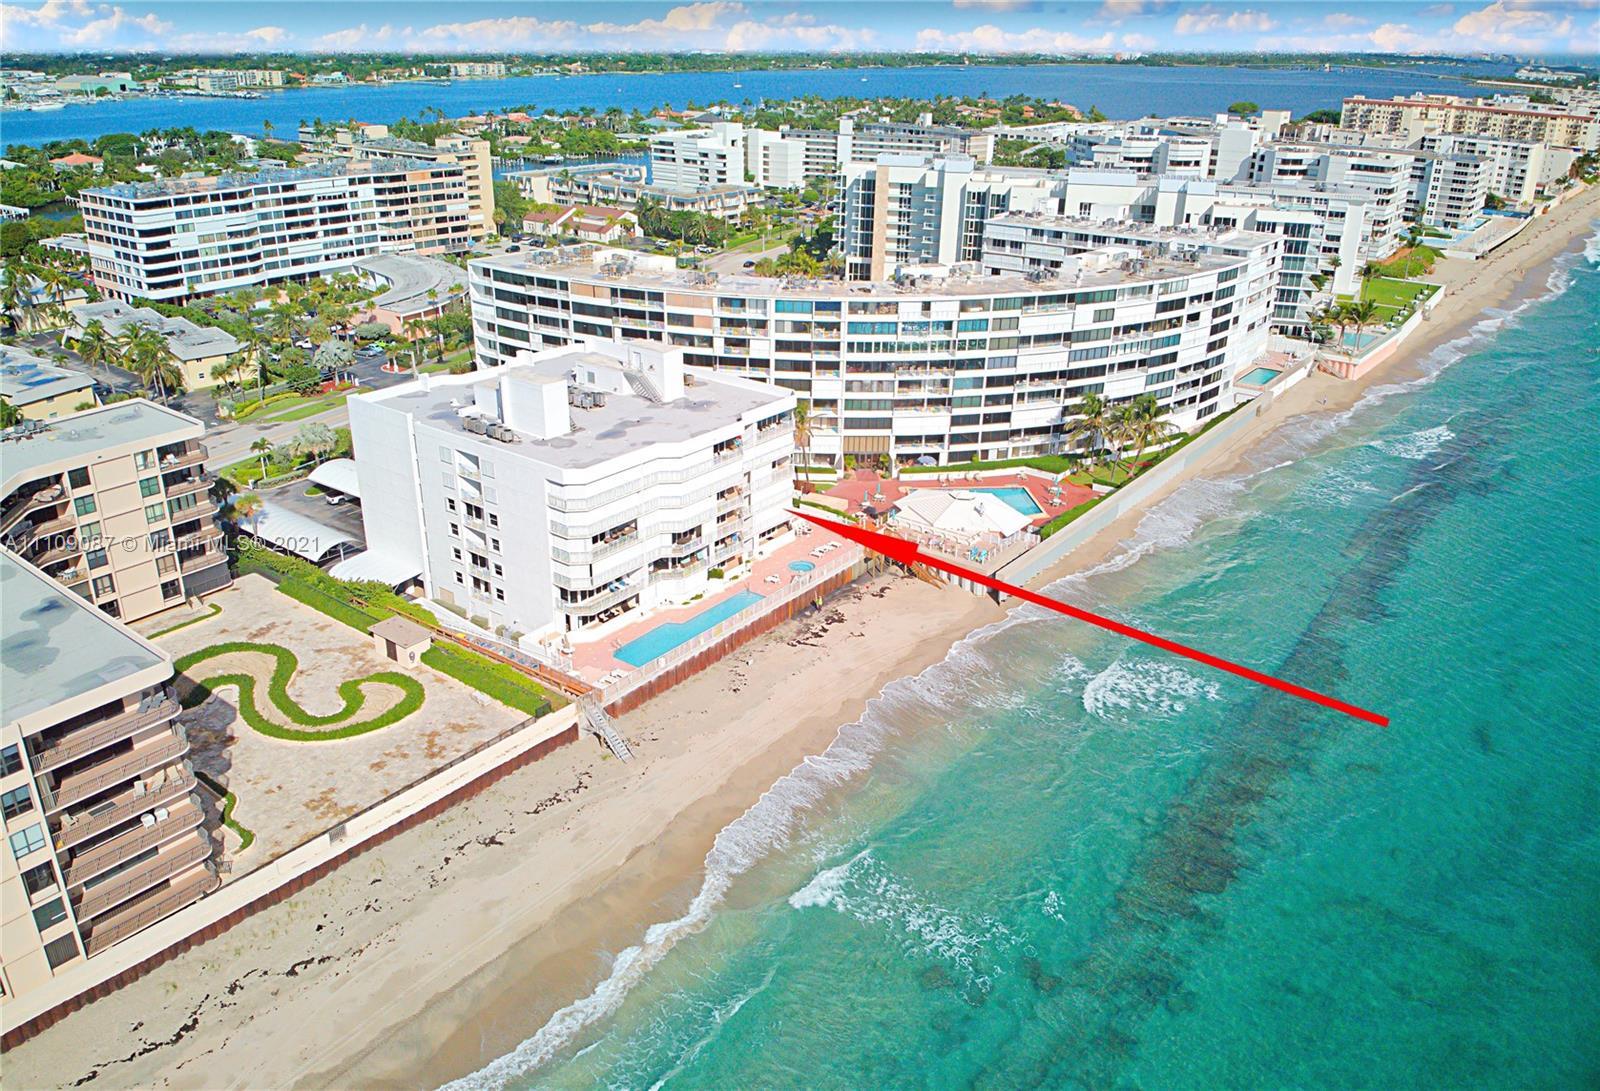 3600 Ocean Blvd Unit 204, South Palm Beach, Florida 33480